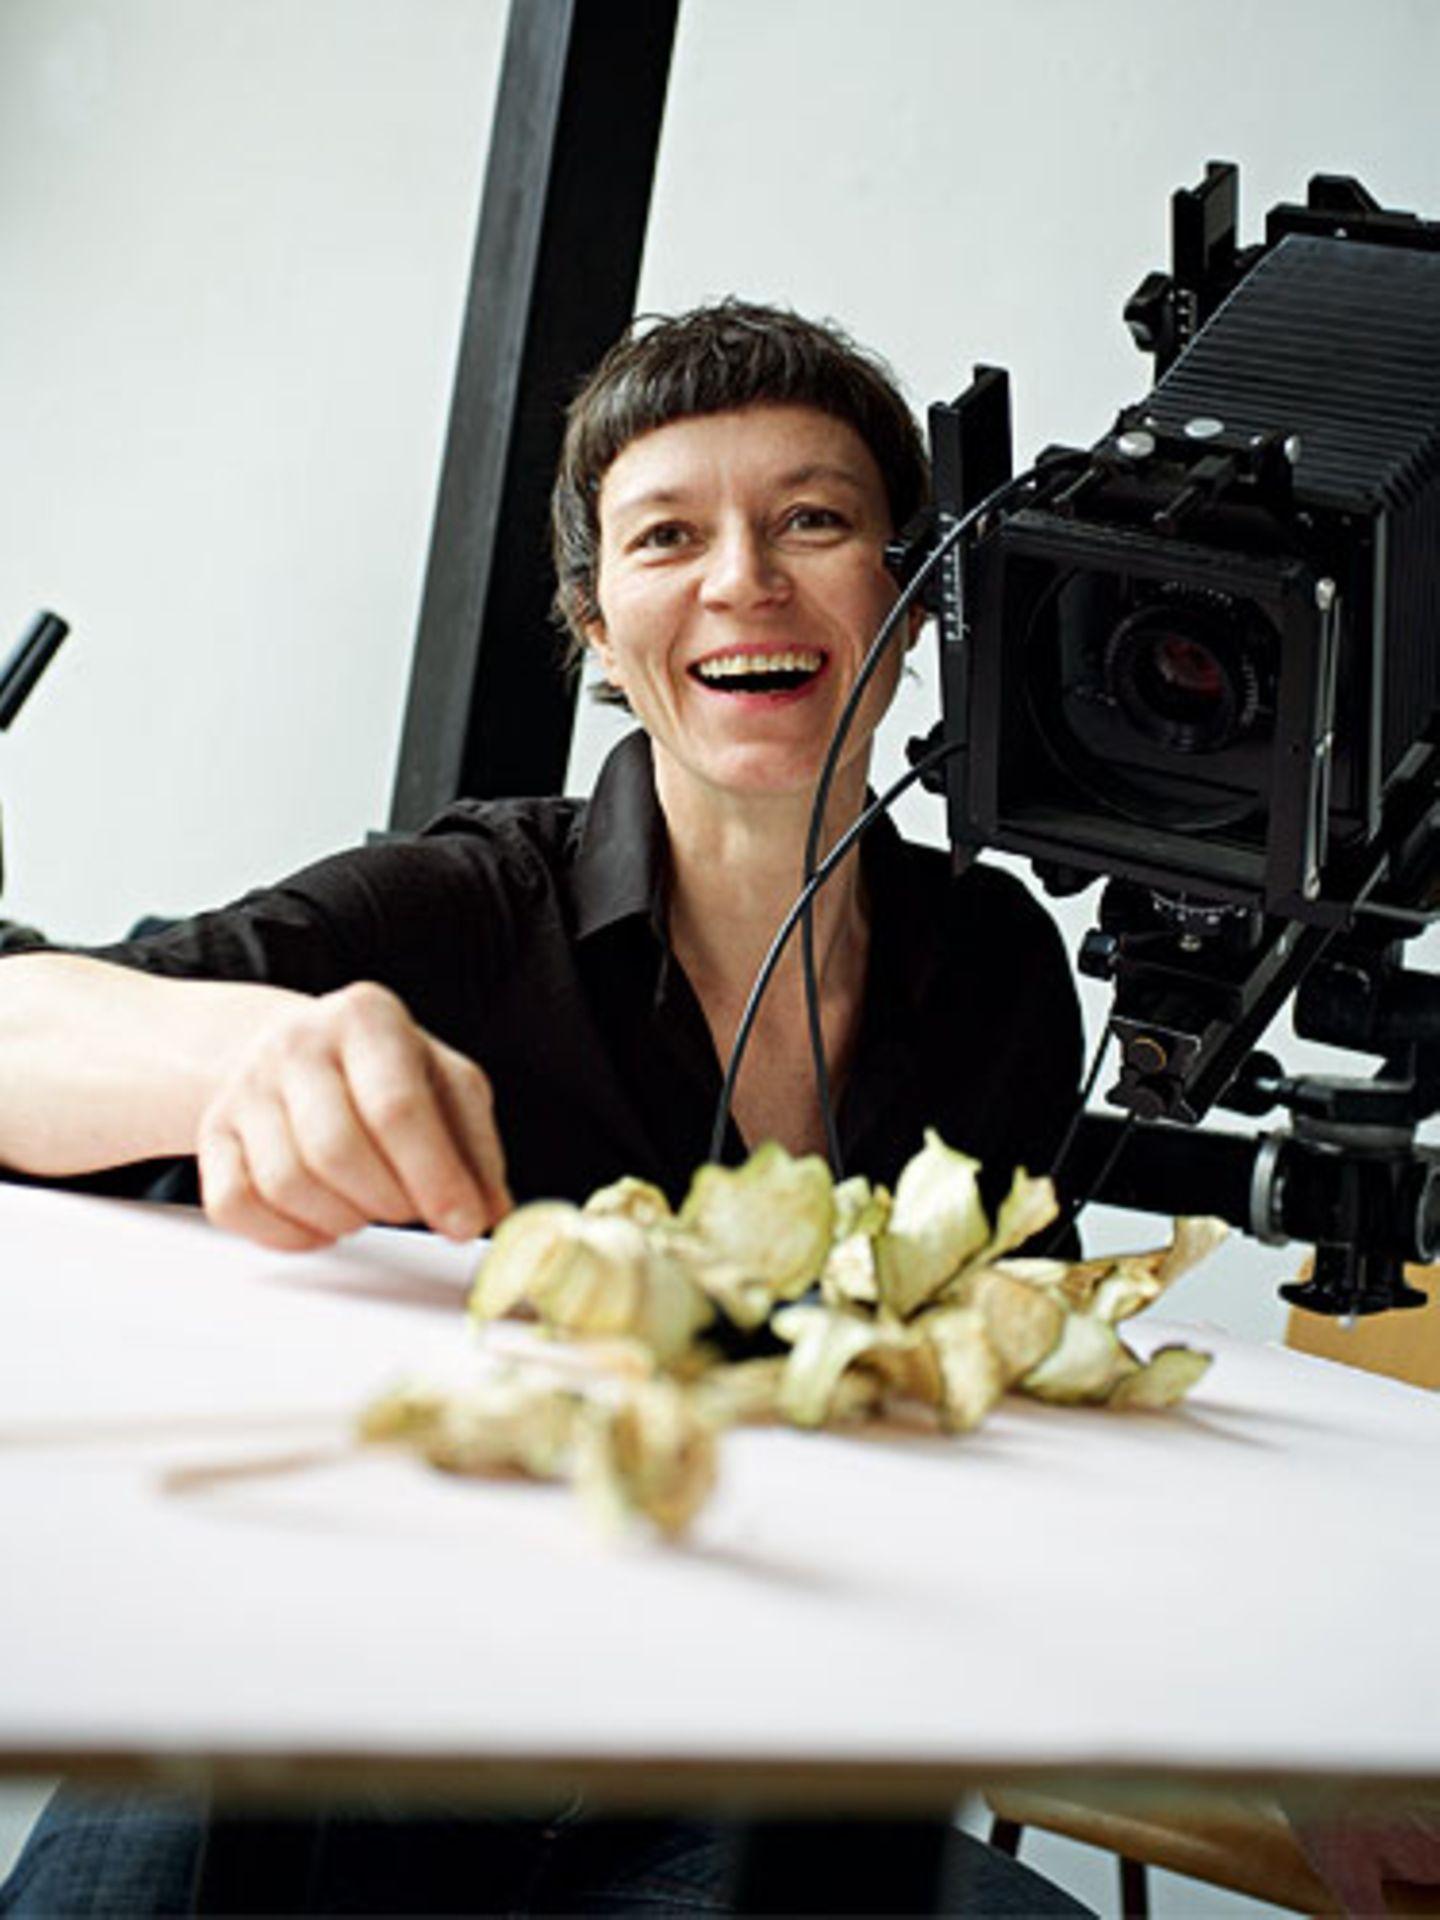 In ihrem Atelier hat Saine Hans eine große Küche. Dort entstehen ihre rezepte und die Aufnahmen dazu.